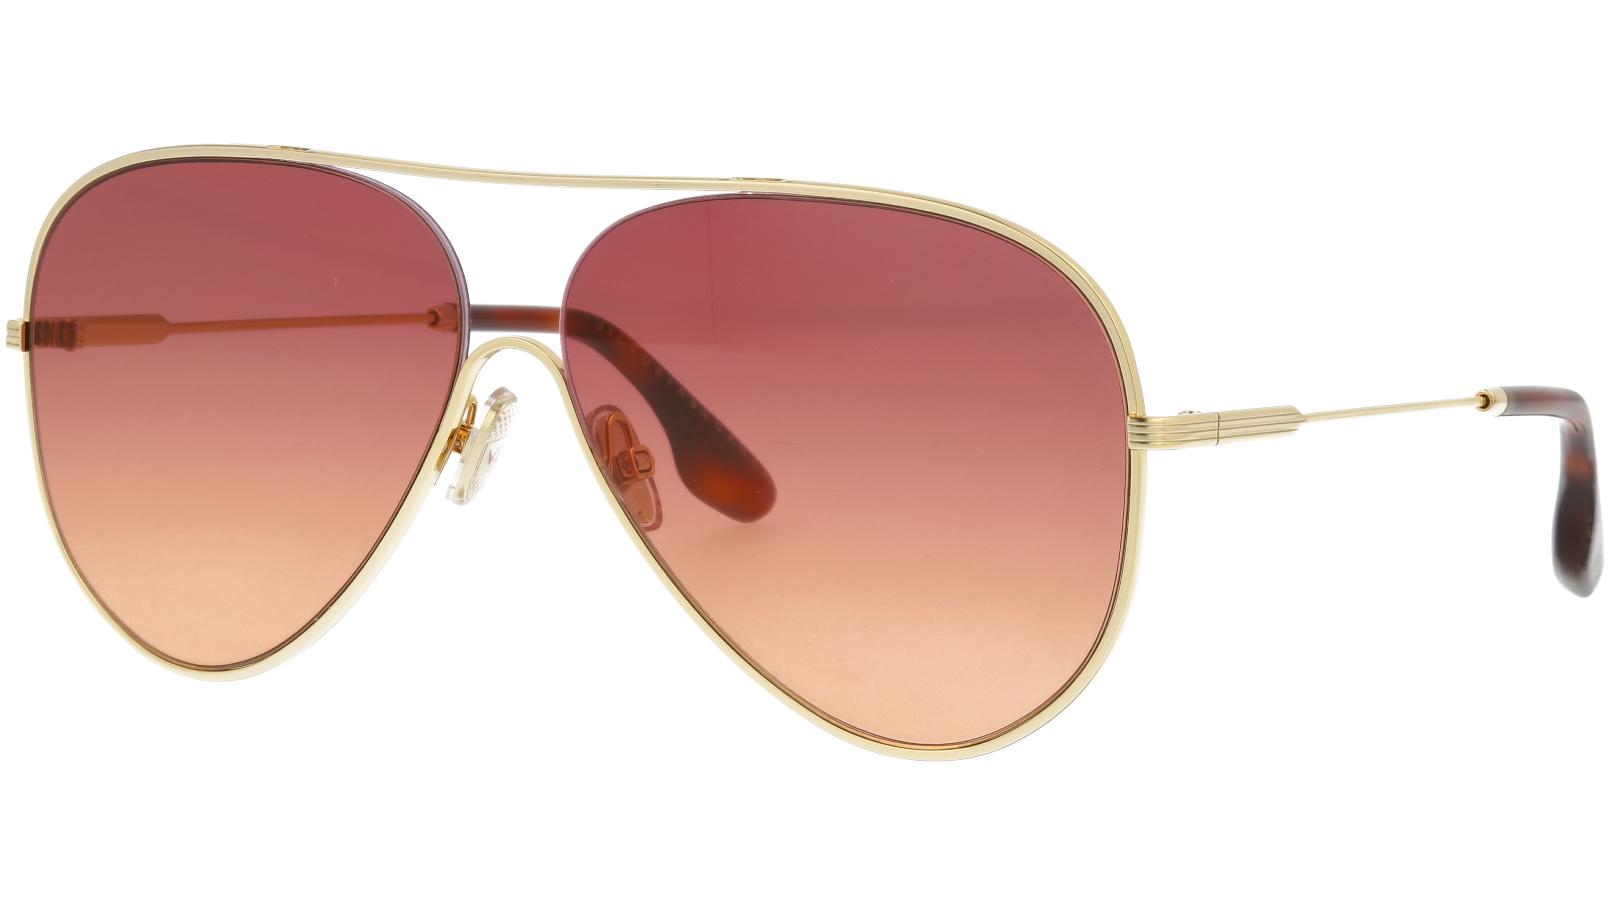 VICTORIA BECKHAM VB133S 711 61 GOLD Sunglasses